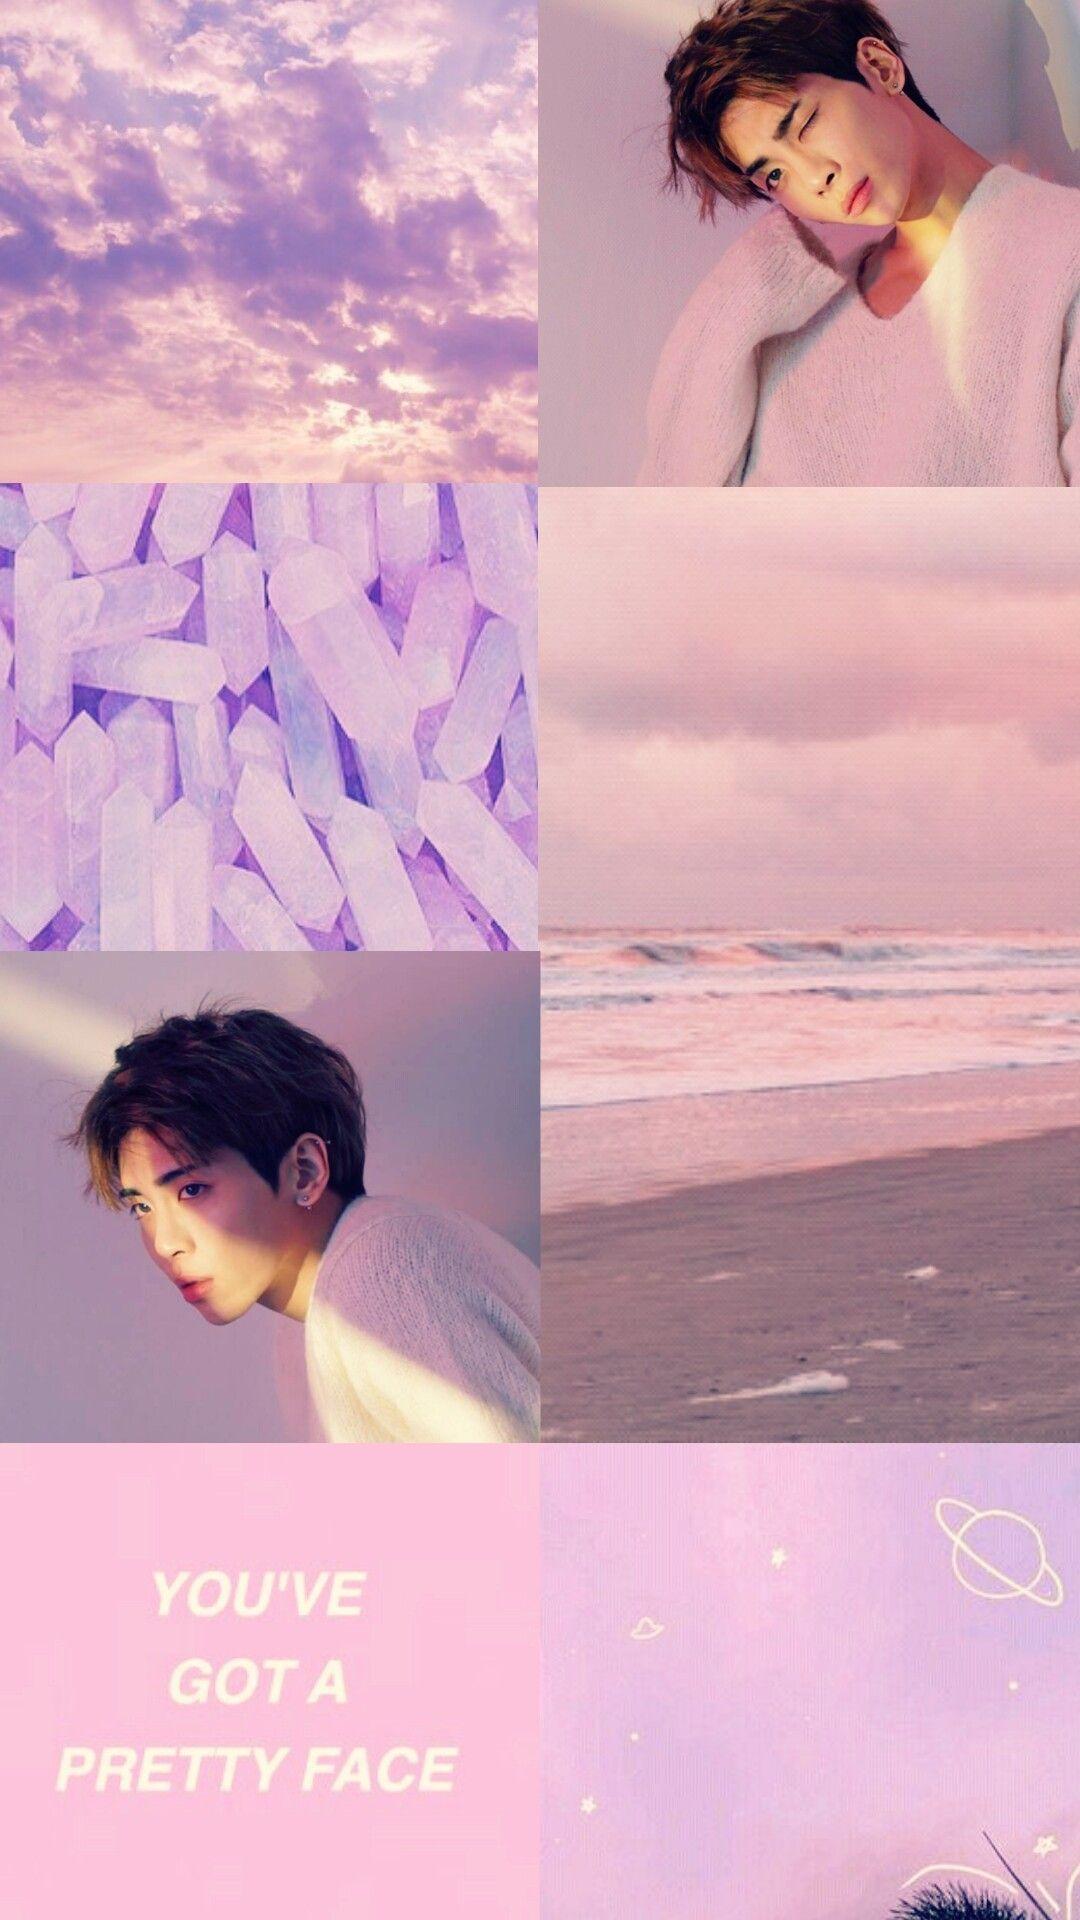 Our Angel Kpop Wallpaper Jonghyun Shinee Kpop Iphone